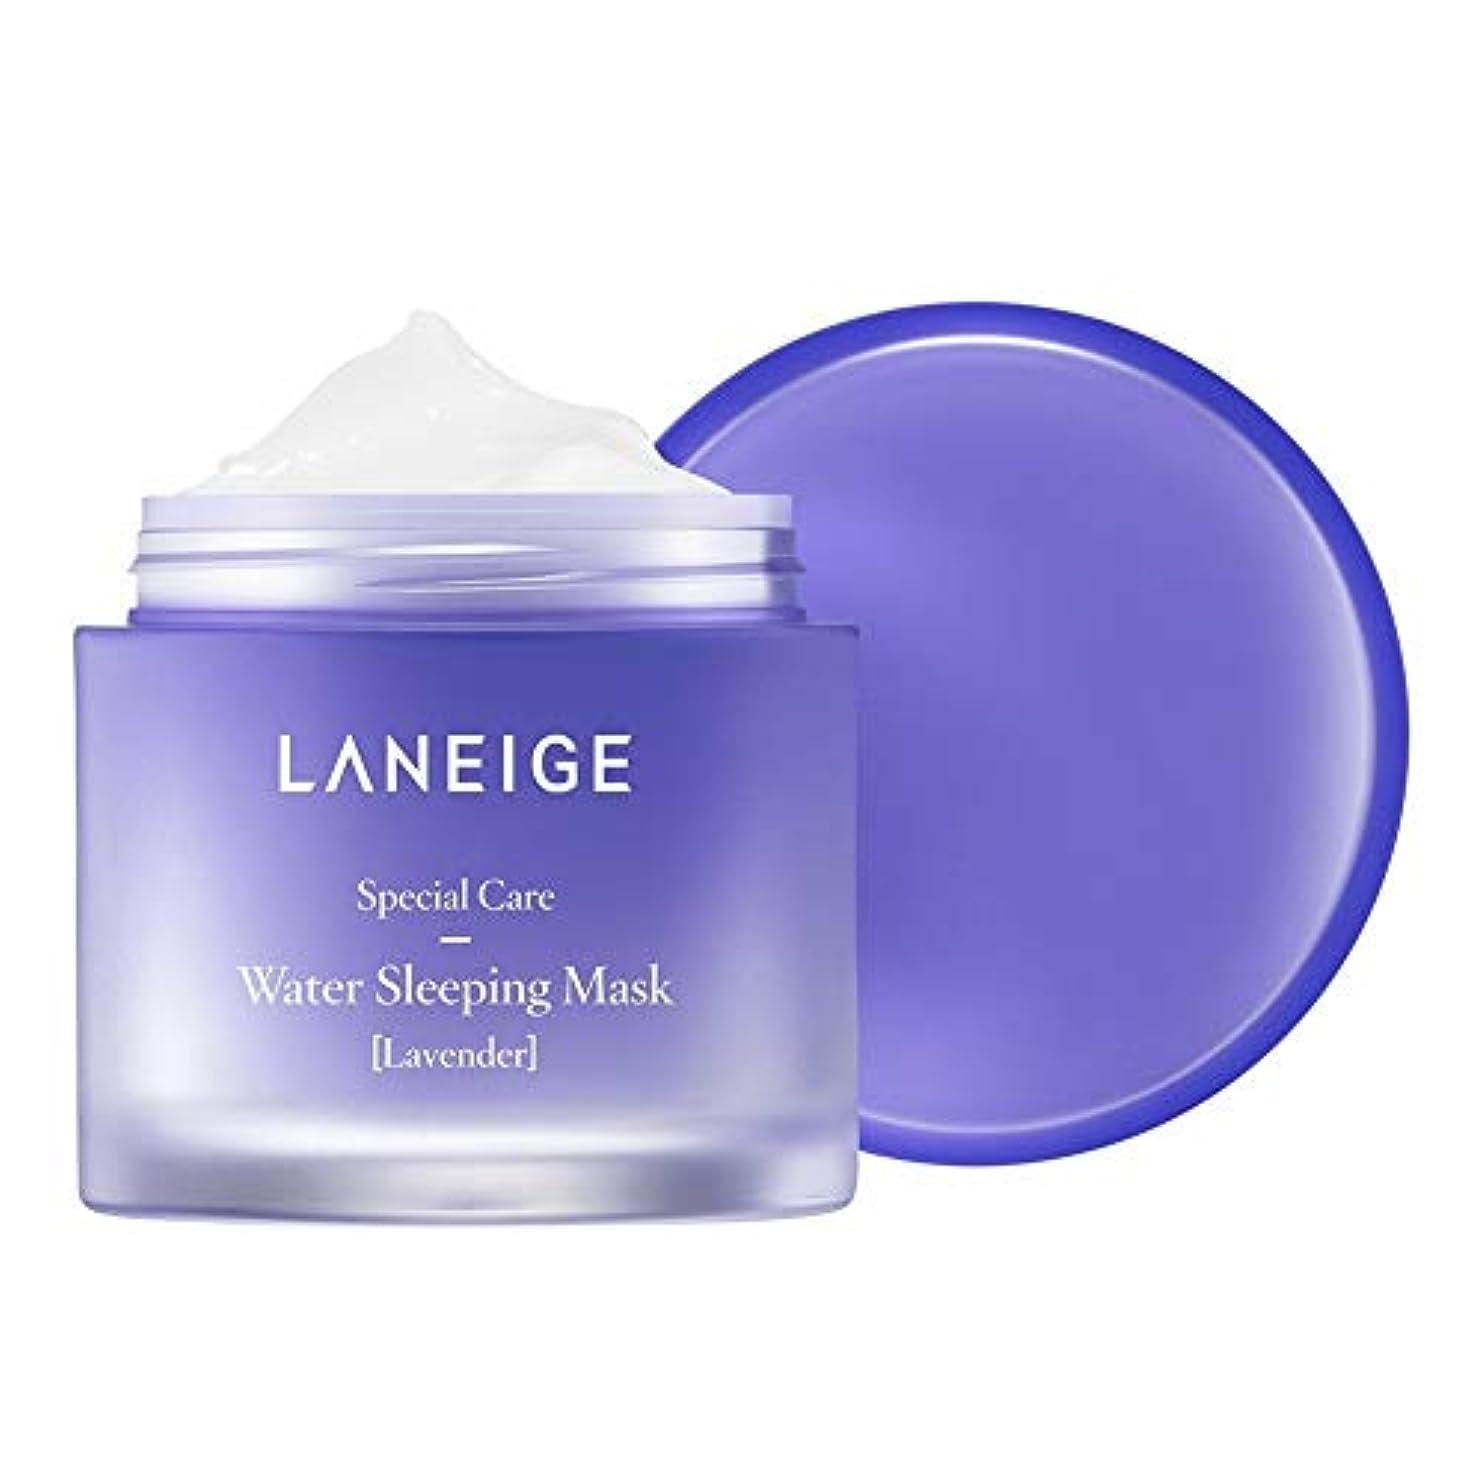 カバー飢えた剛性LANEIGE ラネージュ ウォータースリーピング マスク ラベンダー2017 New リフィルミーバージョン 70ml Water Sleeping Mask 2017 Lavender [海外直送品]